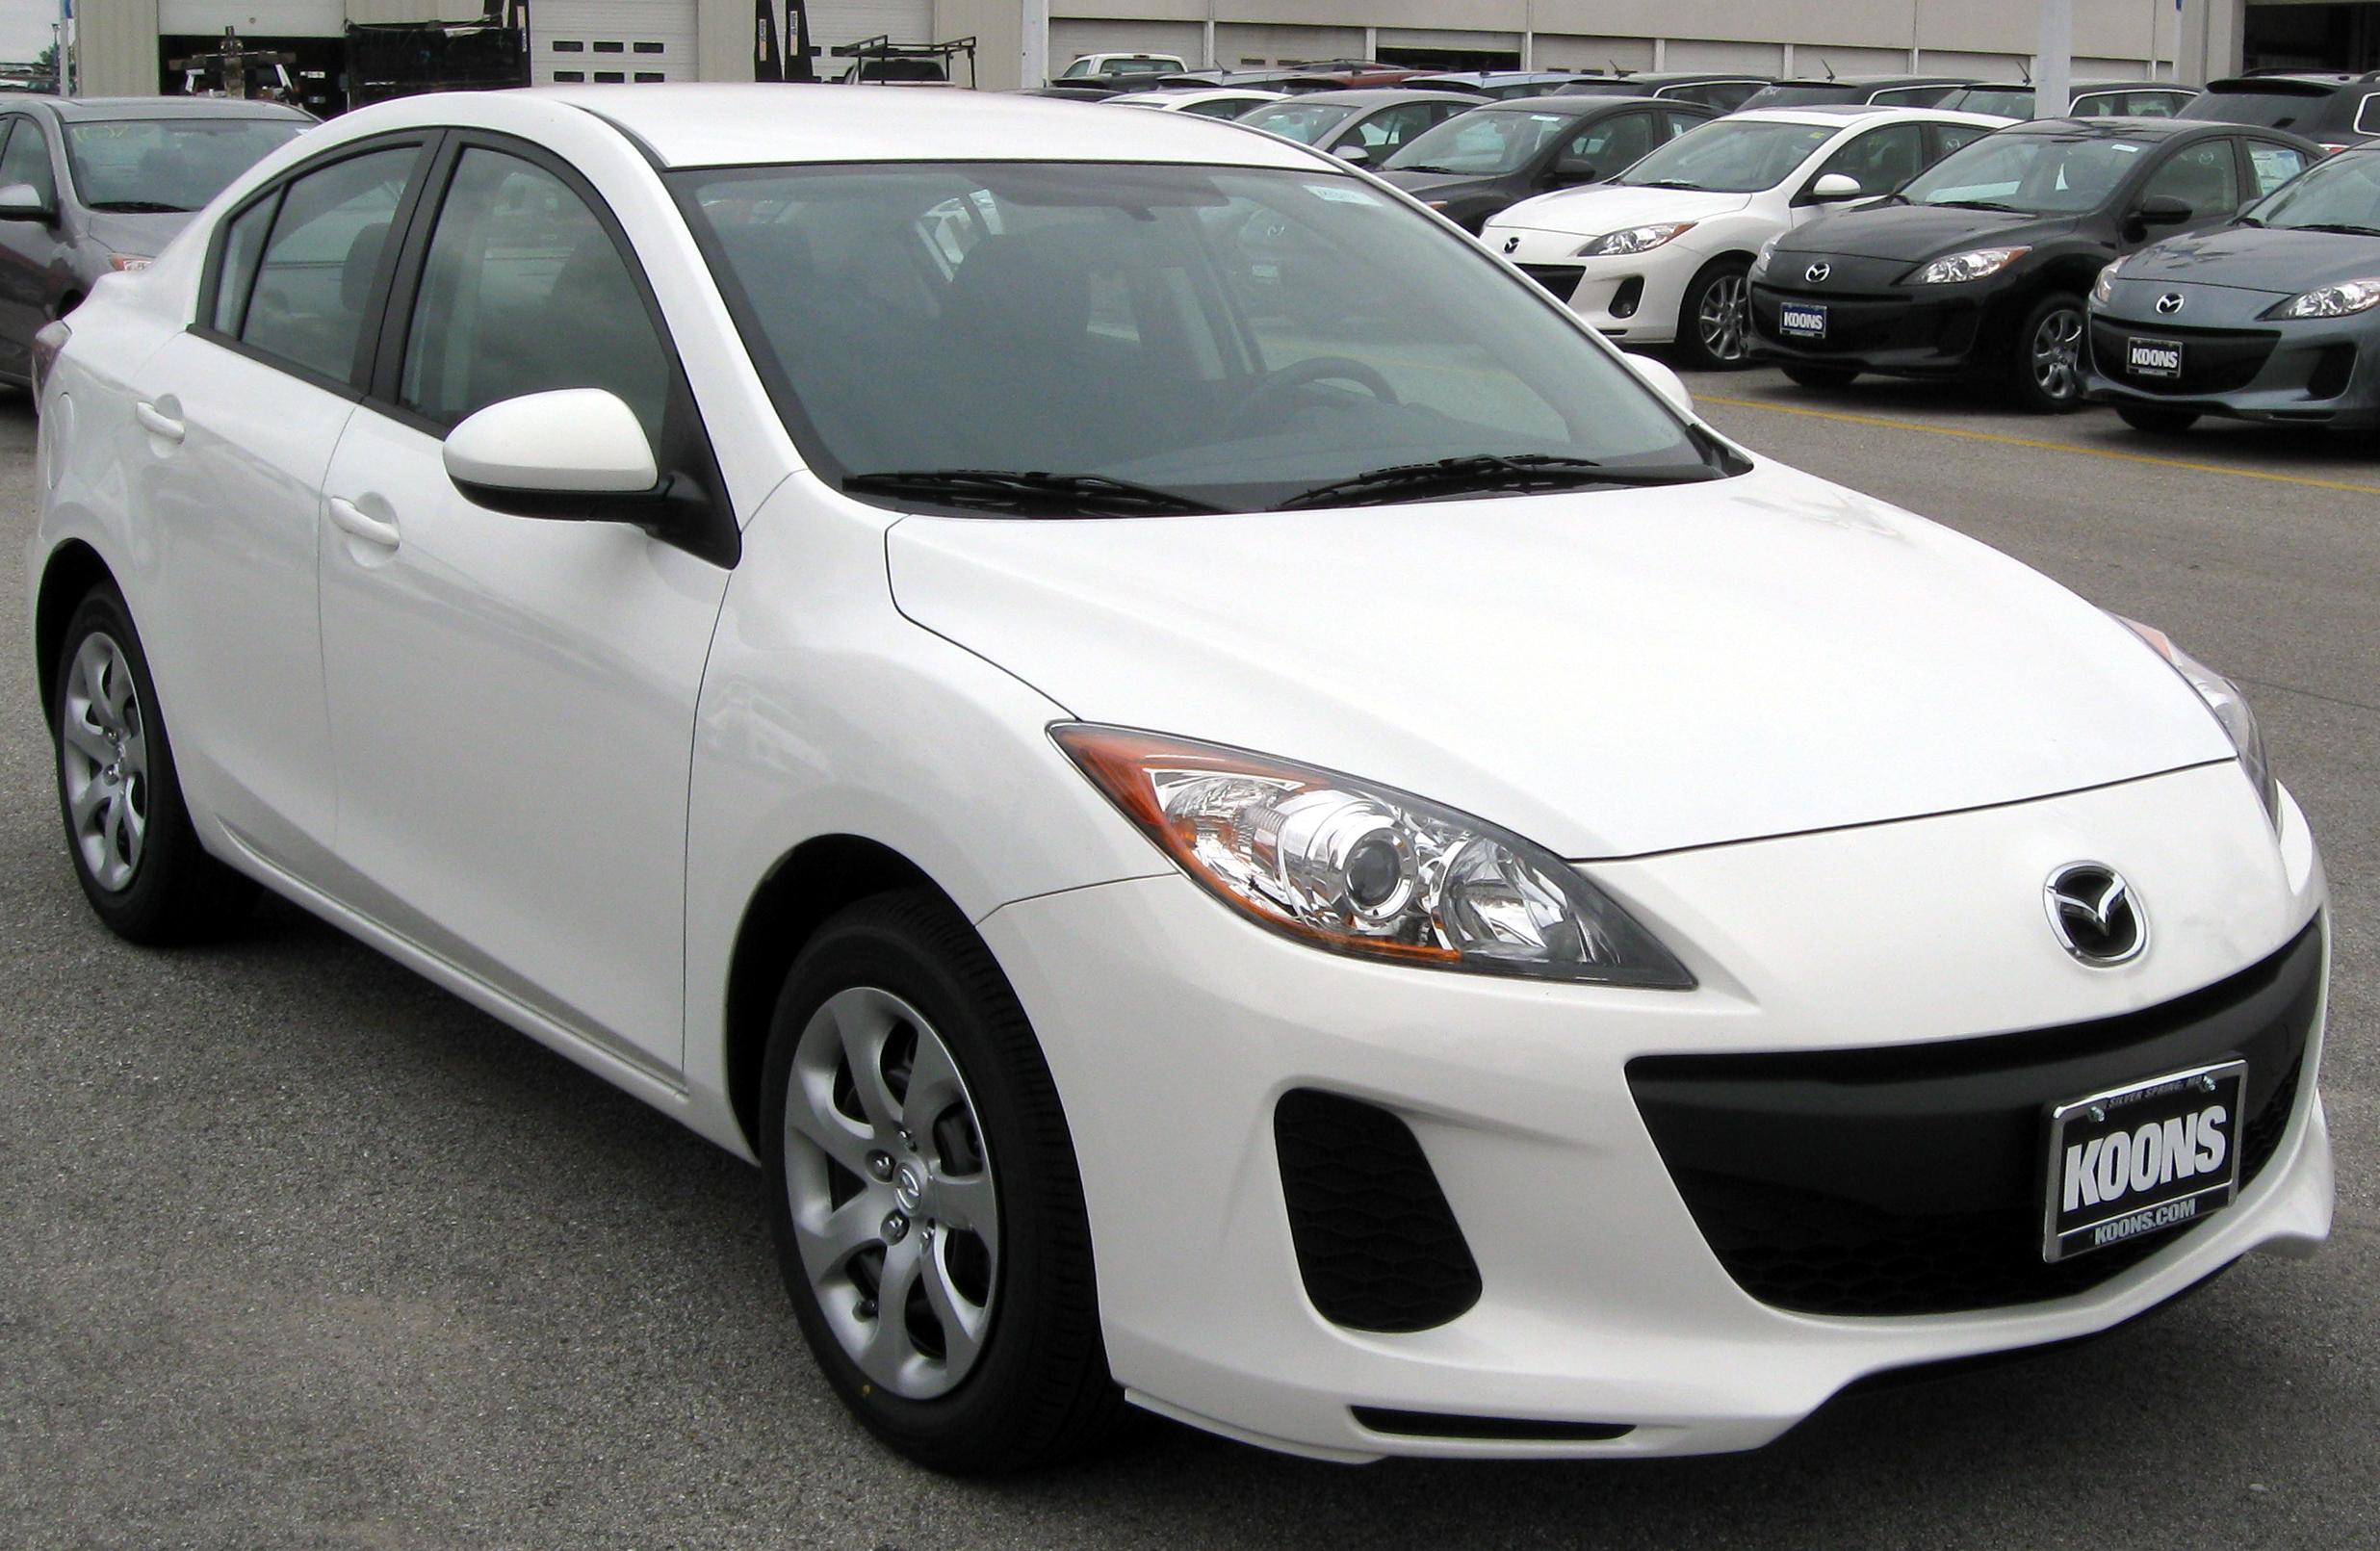 2012 Mazda MAZDA3 #5 Mazda MAZDA3 #5